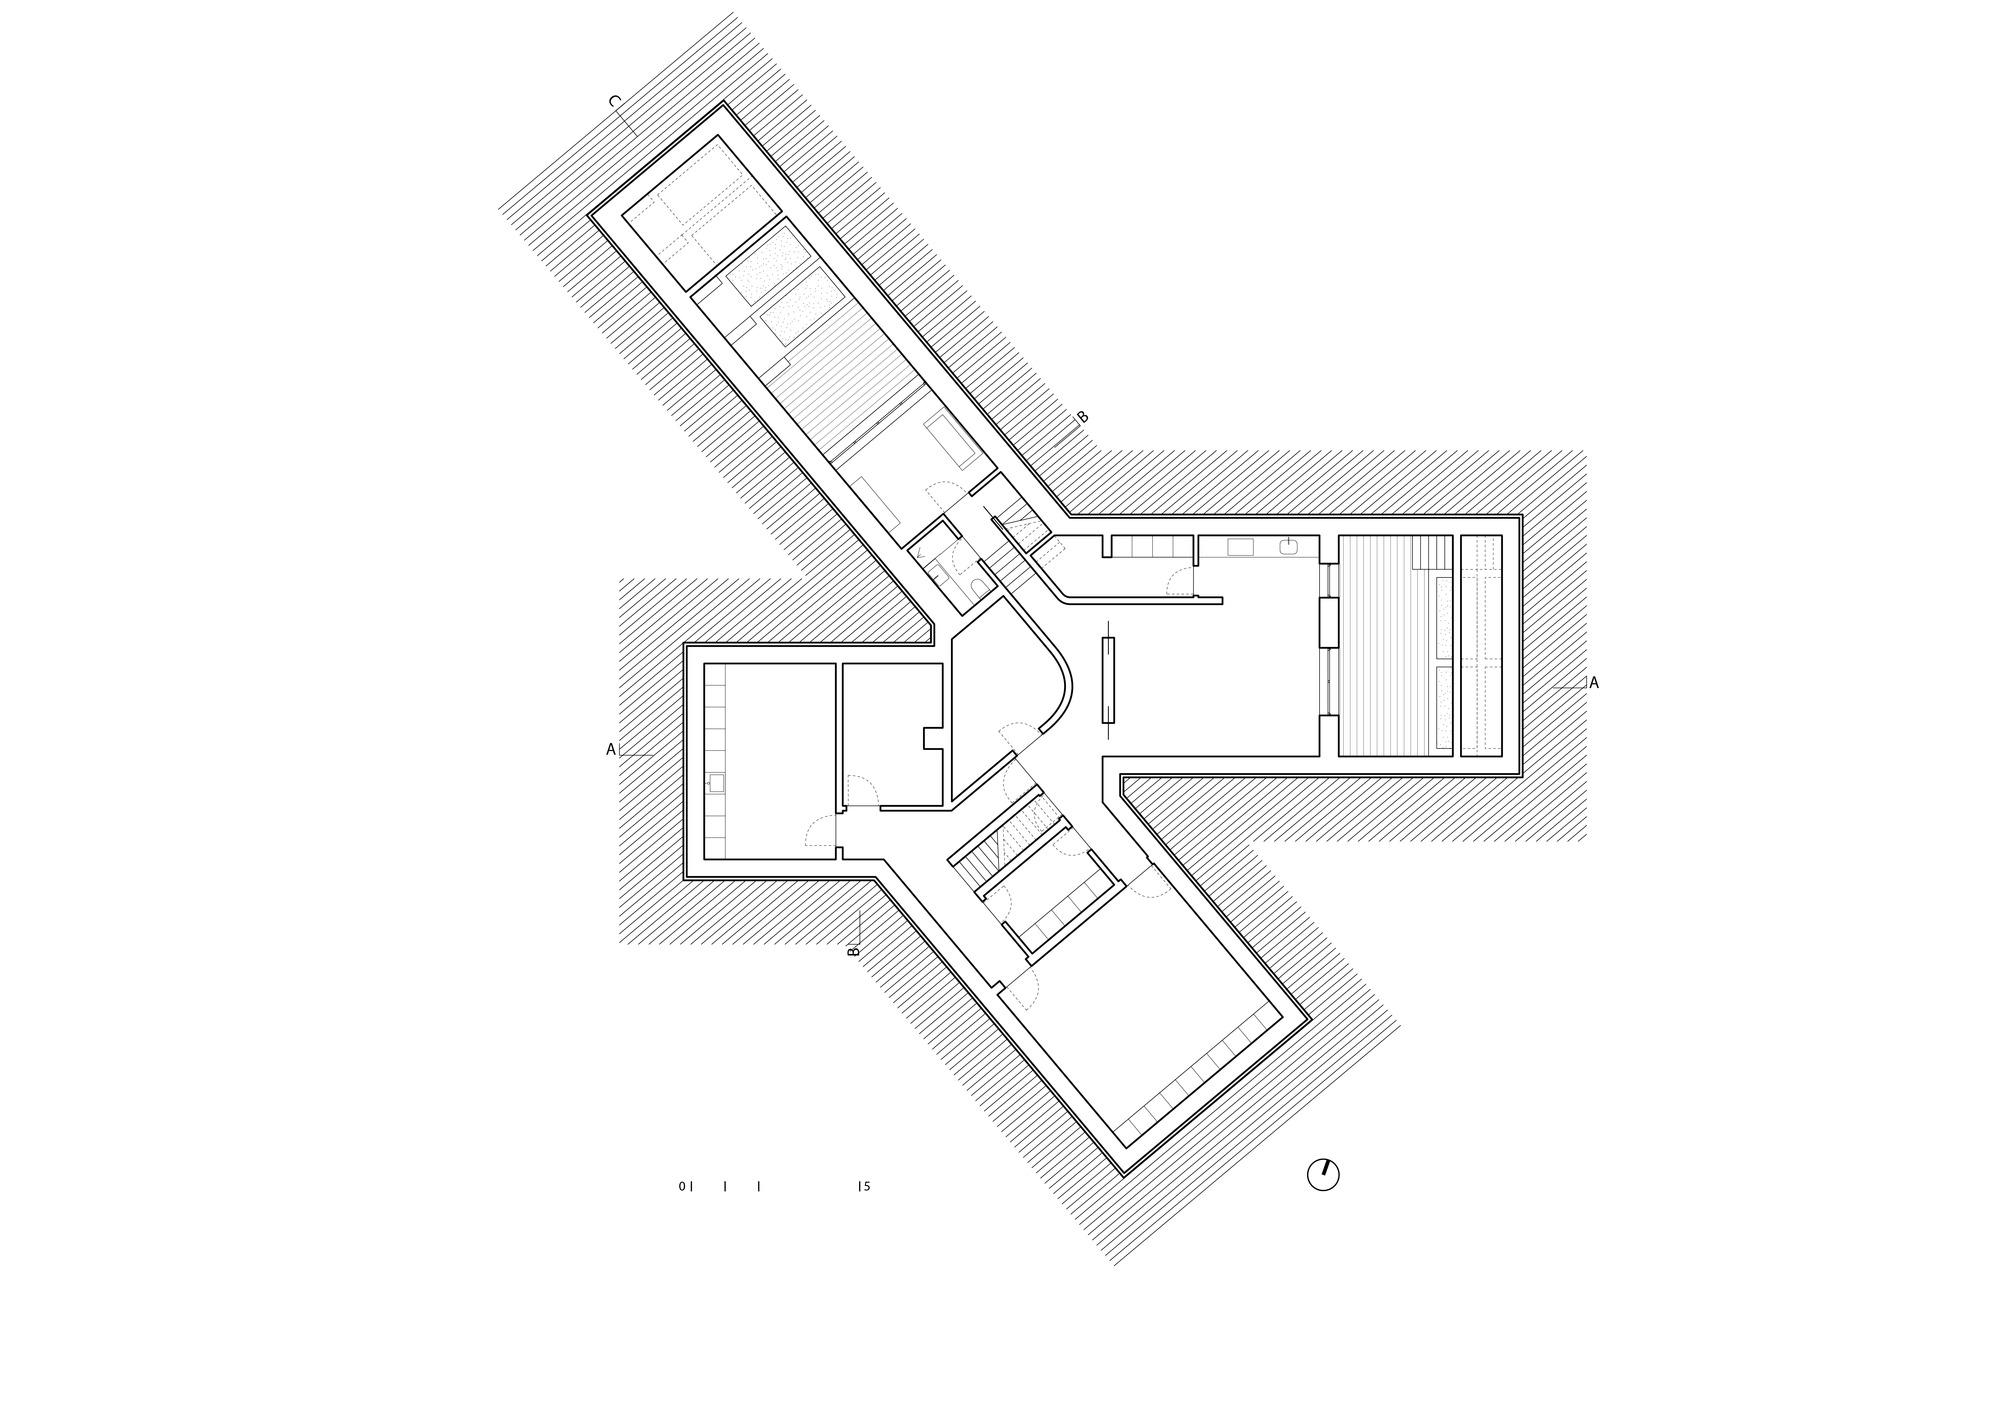 Gallery of house h one fine day architektur werk stadt 21 - Architektur werk ...